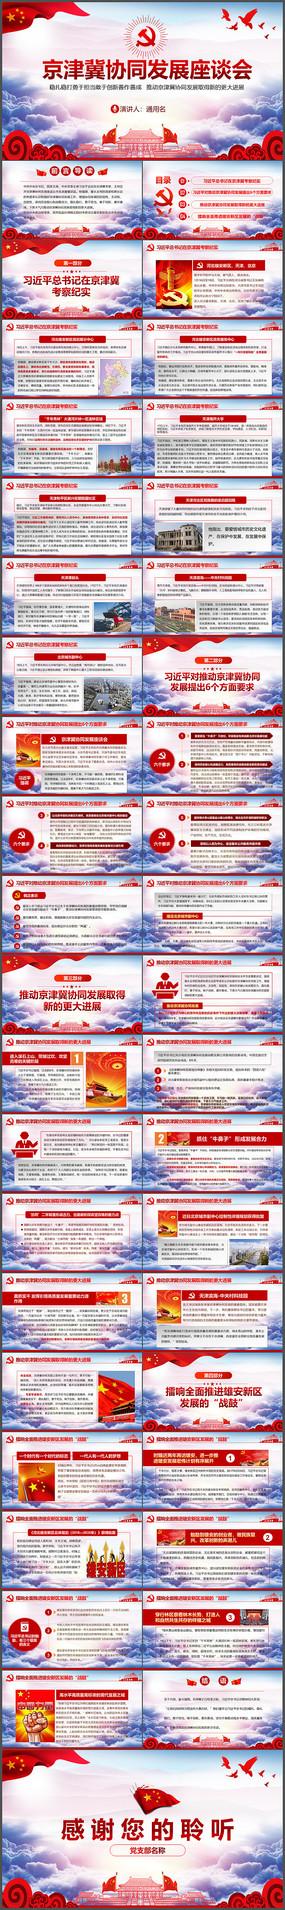 京津冀协同发展座谈会PPT